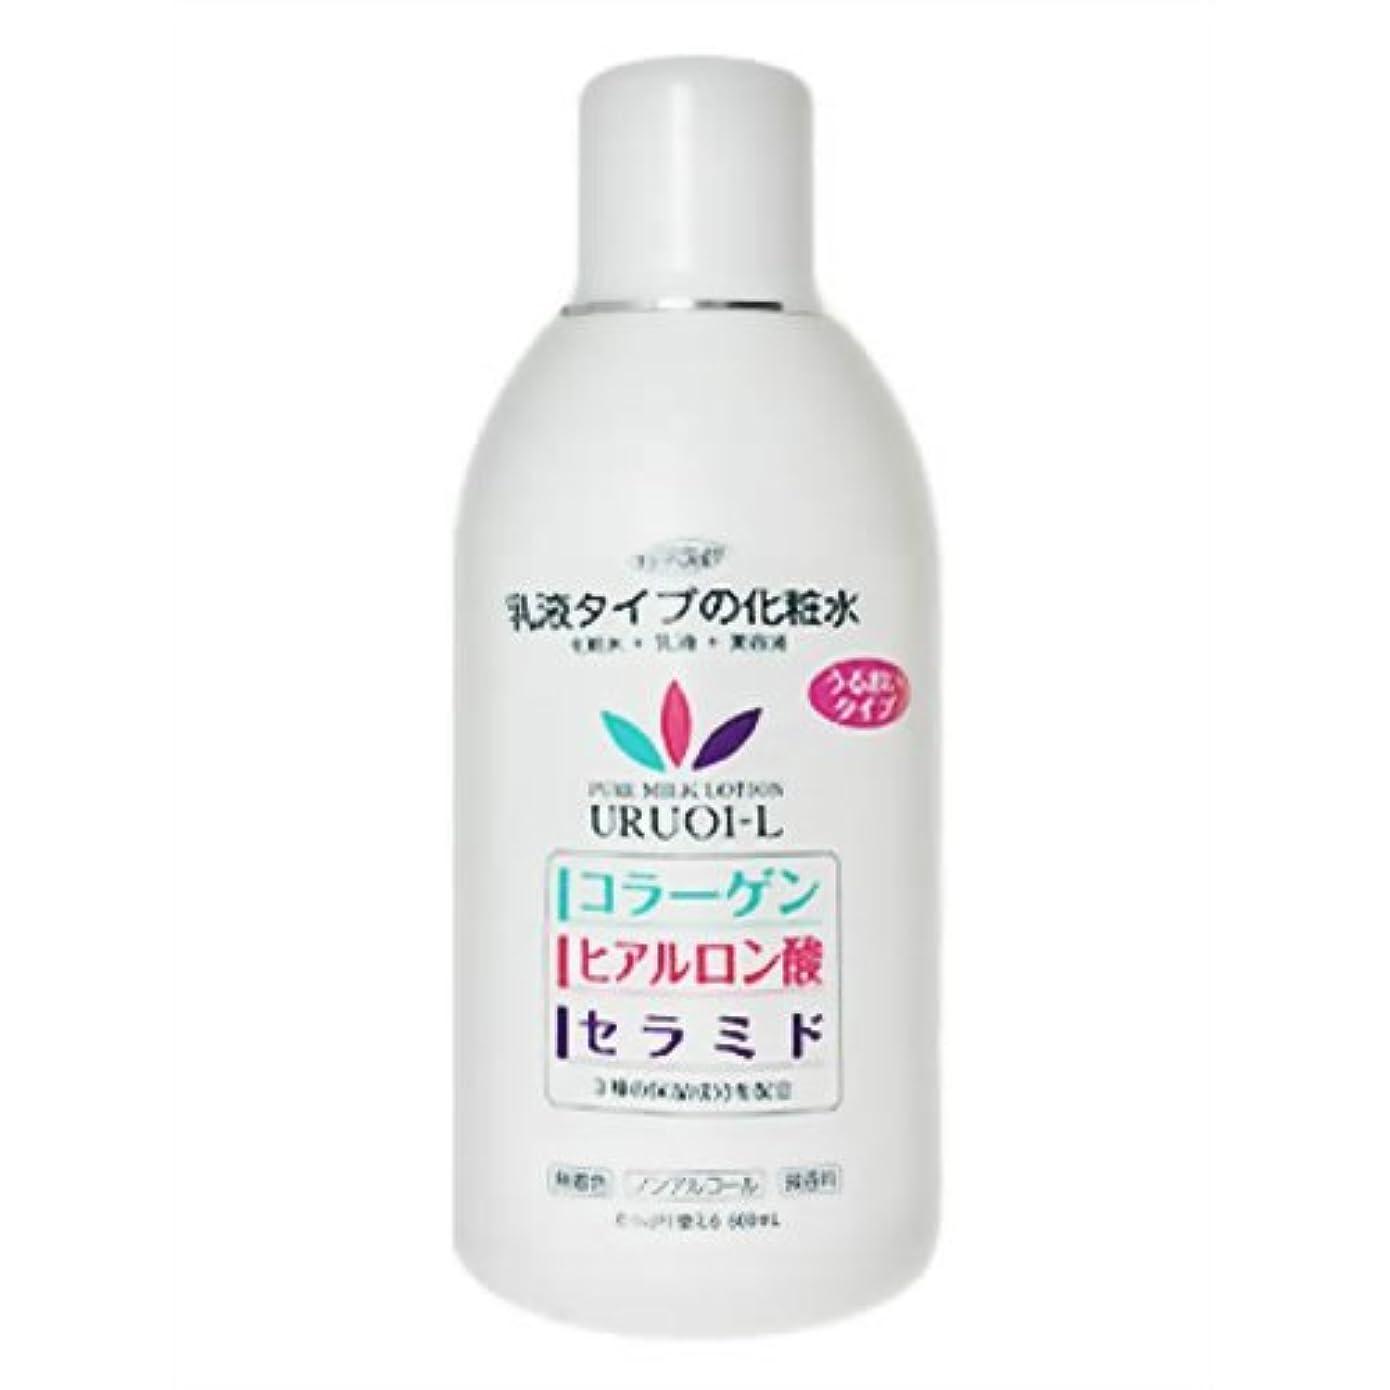 常識開発する立場乳液タイプの化粧水 うるおい 500ml×3個セット